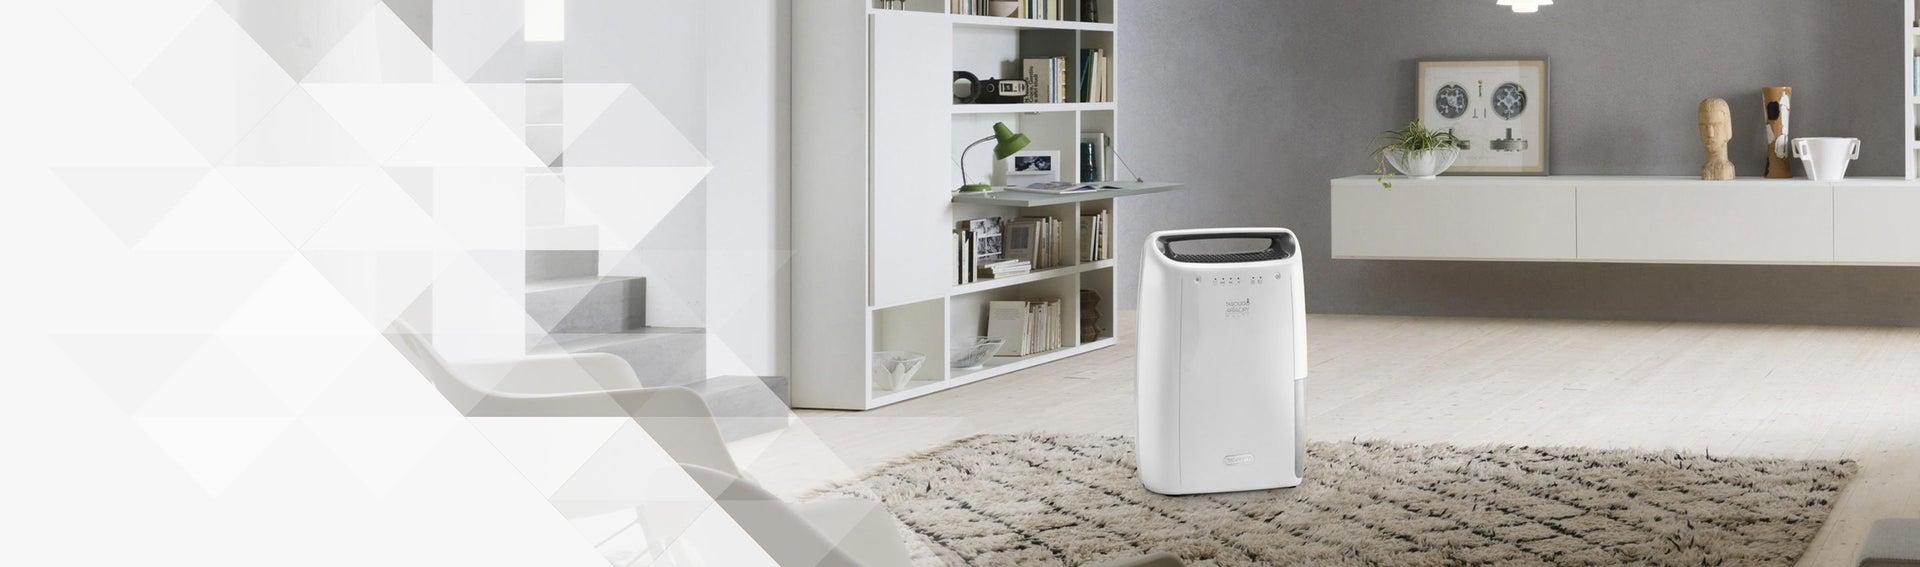 vmc a rateur et d shumidificateur traitement de l 39 air leroy merlin. Black Bedroom Furniture Sets. Home Design Ideas